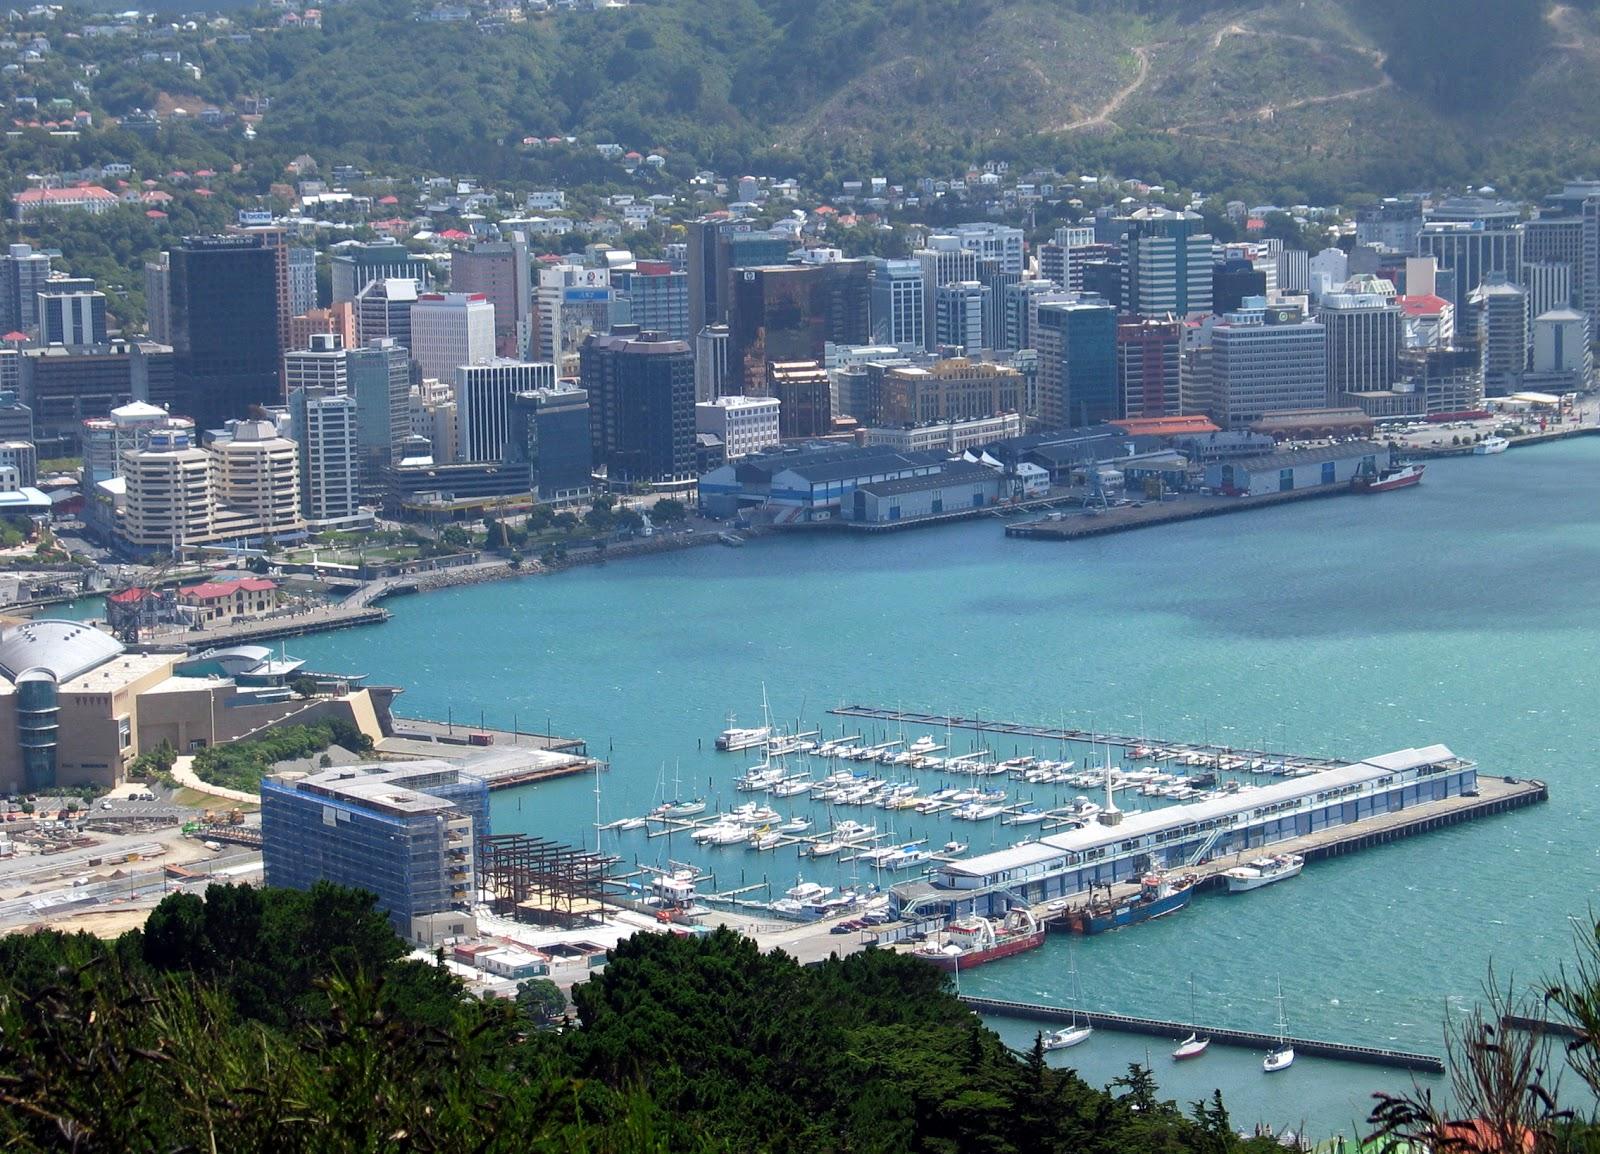 http://3.bp.blogspot.com/-WJ9Qv2Hy2Ig/T7Fa-fL6iwI/AAAAAAAACT8/OJpesAVIf9o/s1600/Wellington+city_8.JPG